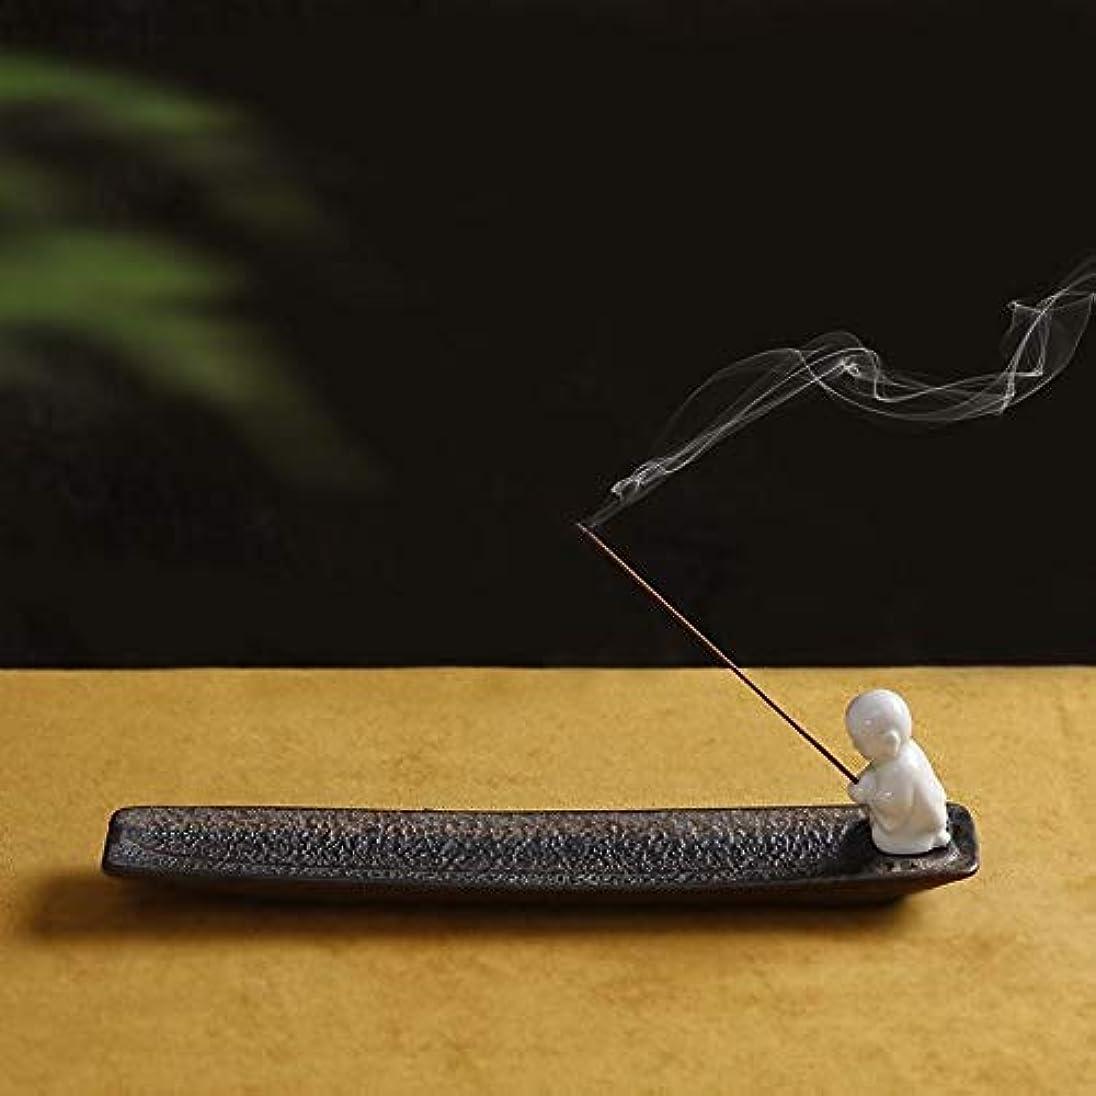 混合福祉要塞PHILOGOD 陶器香炉 クリエイティブスタイリング香置物 仏壇用線香立て 香皿